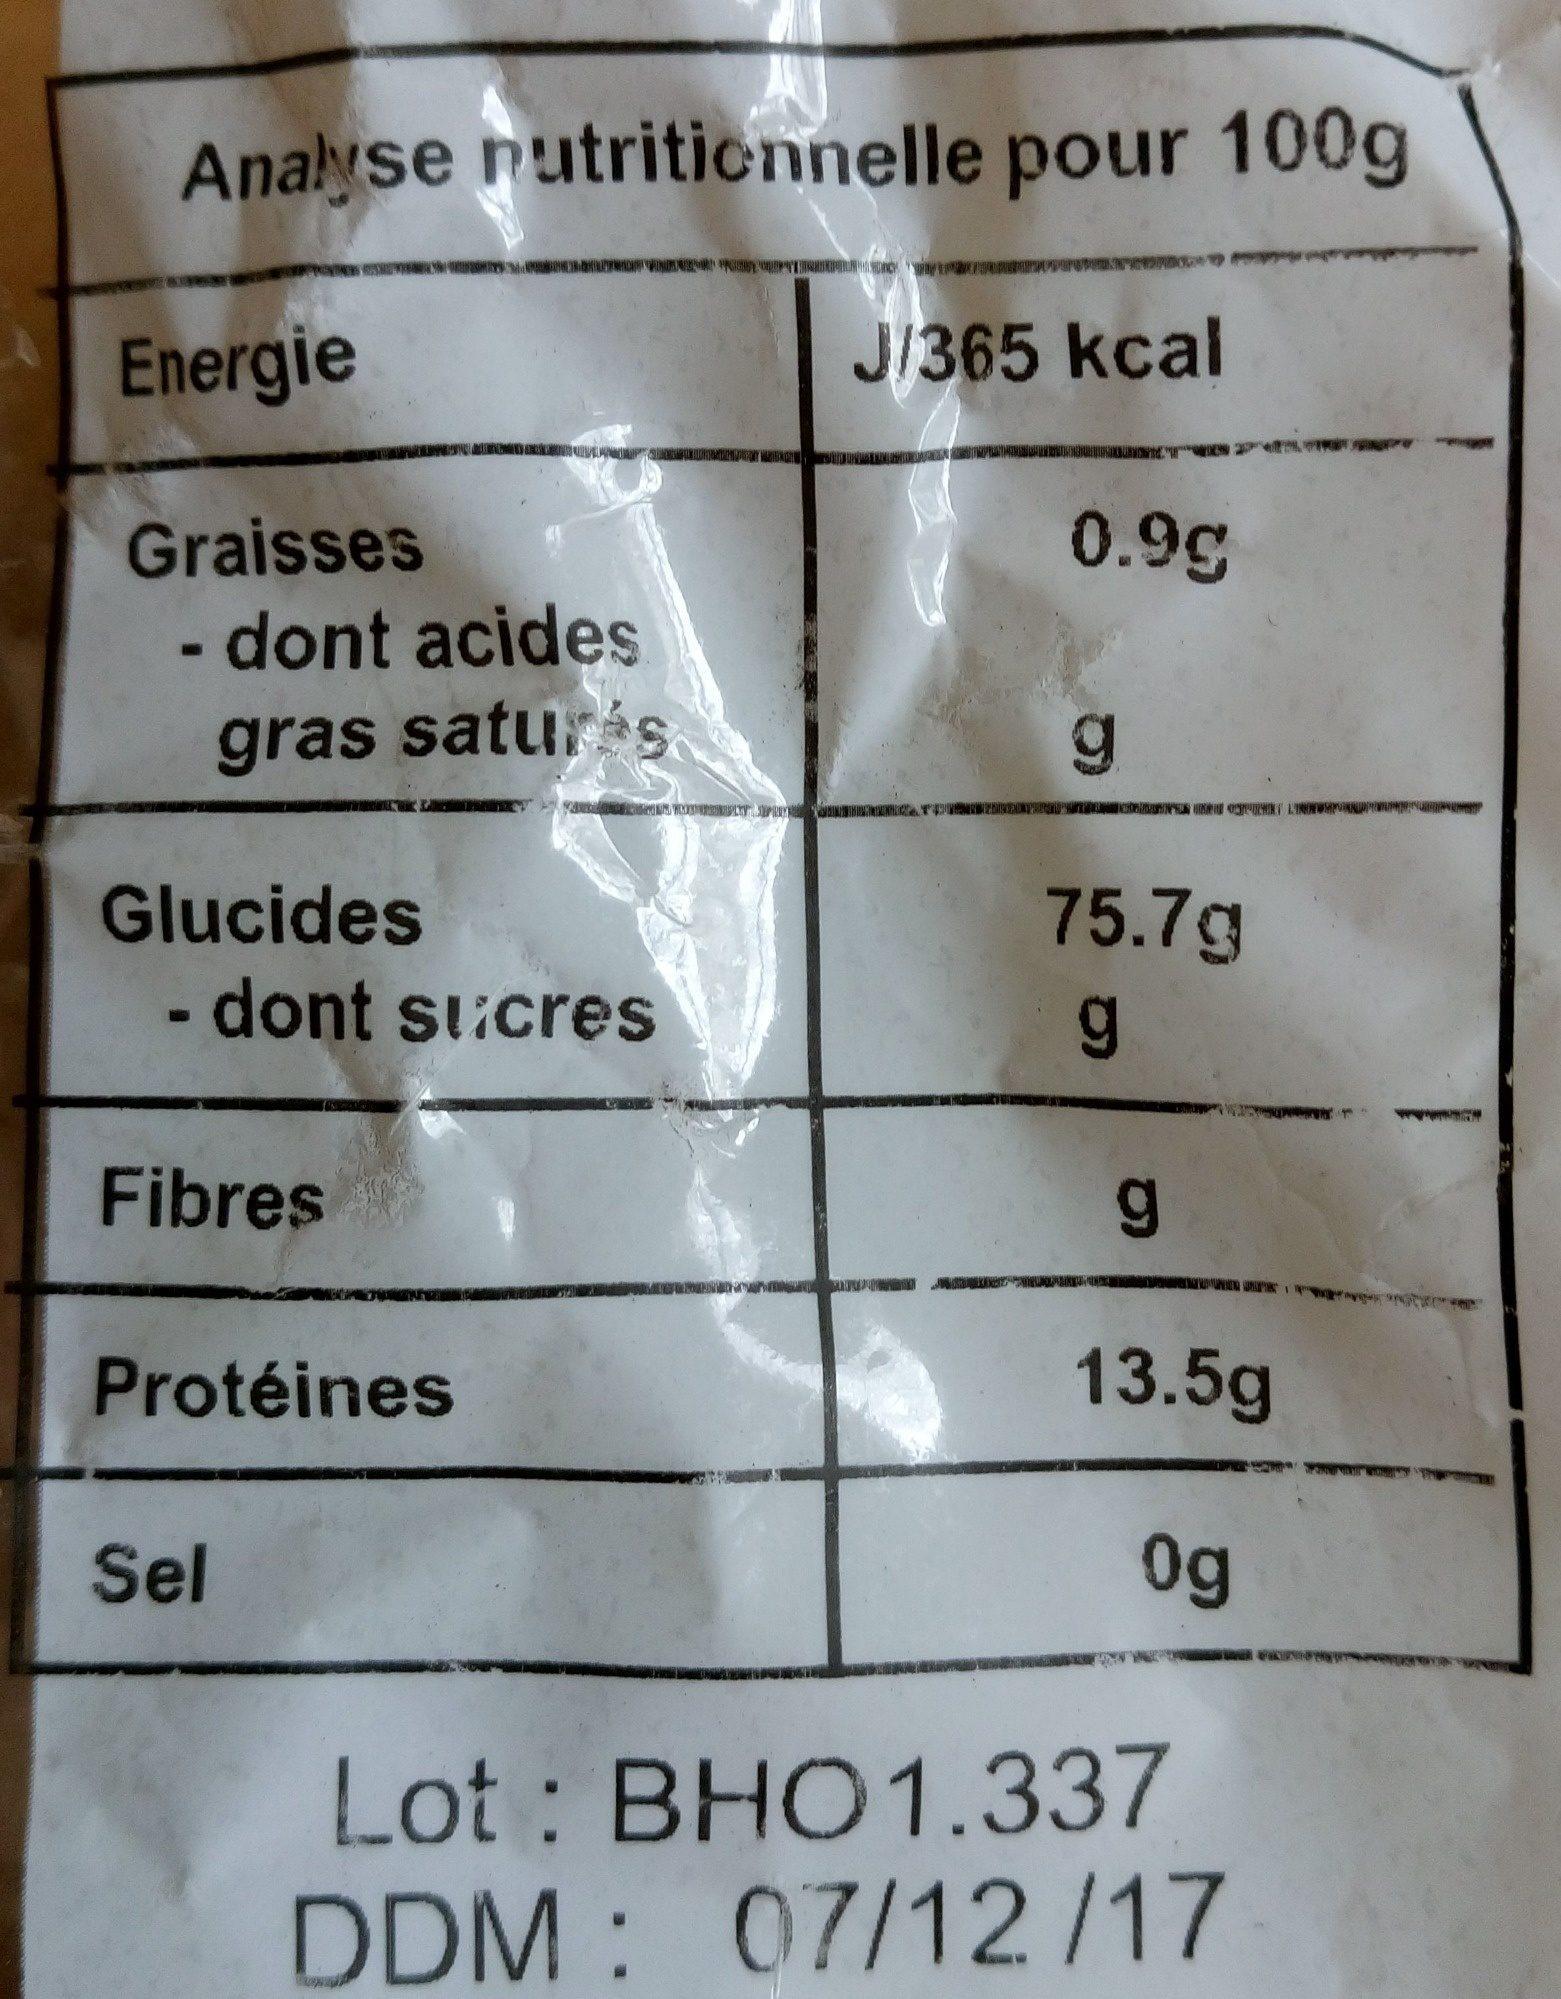 250G Papillons De Petit Epeautre - Nutrition facts - fr